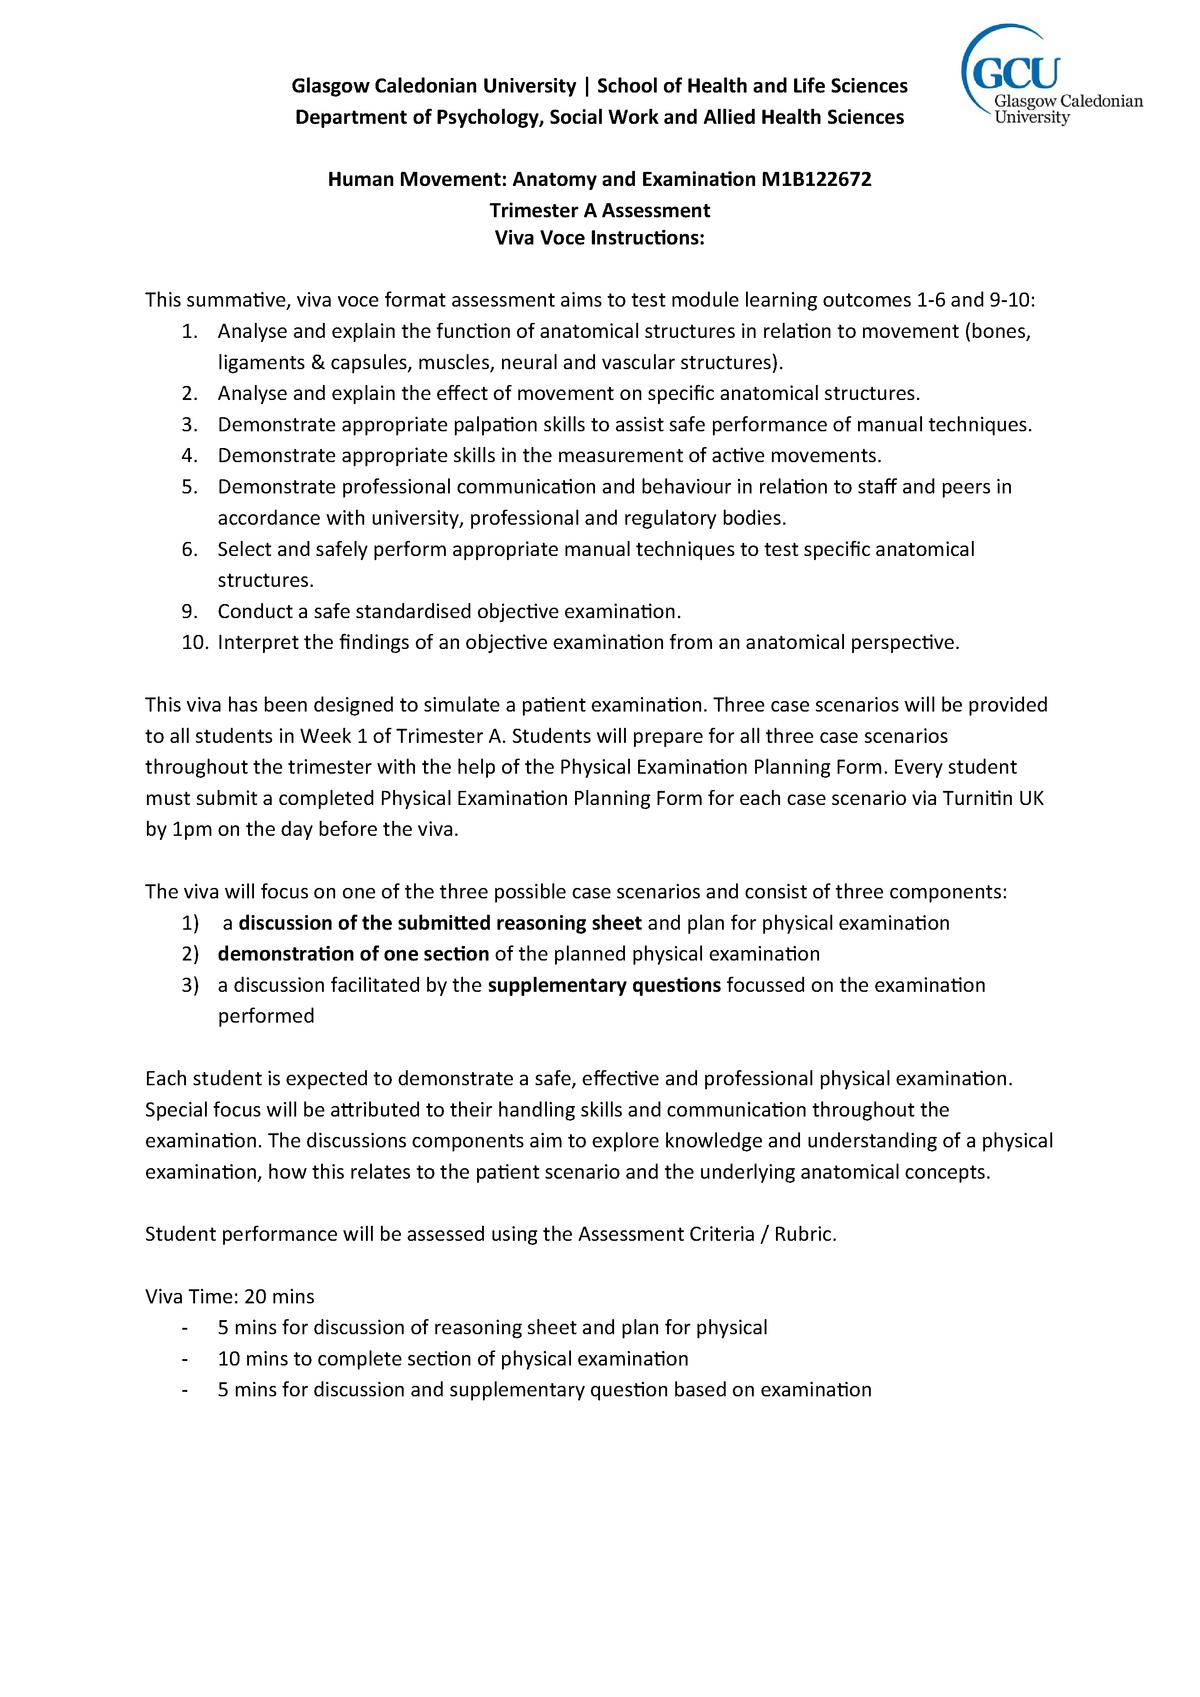 VIVA PLAN - Exam plan for first Tri A viva - M1B122672